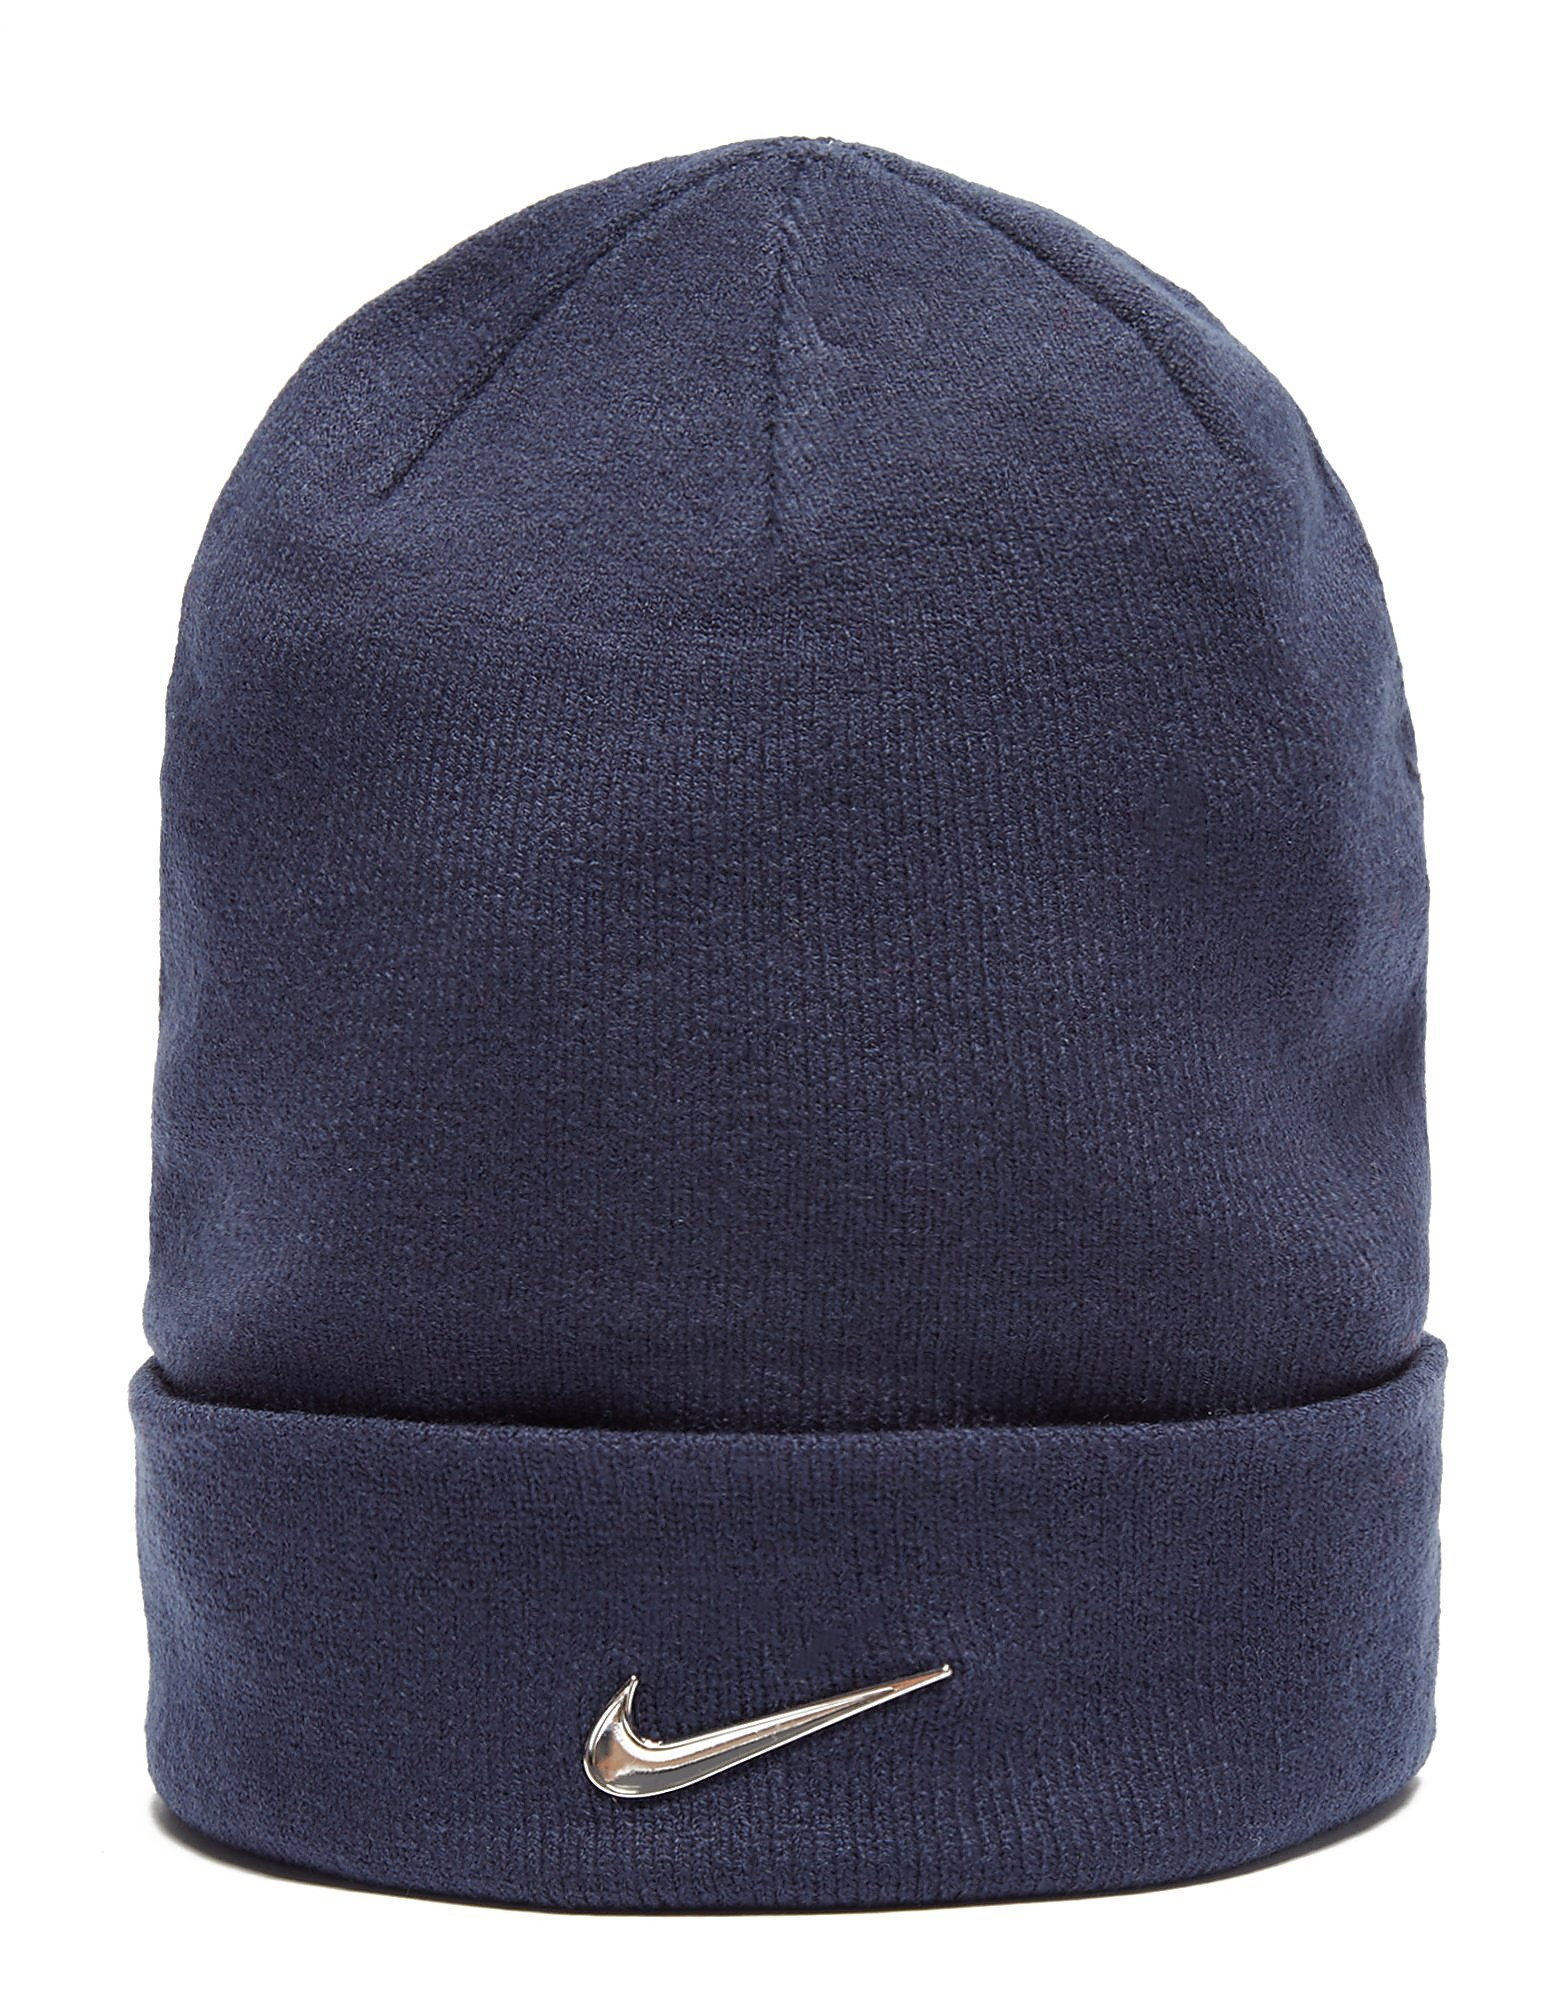 Nike Beanie-Mütze mit Swoosh